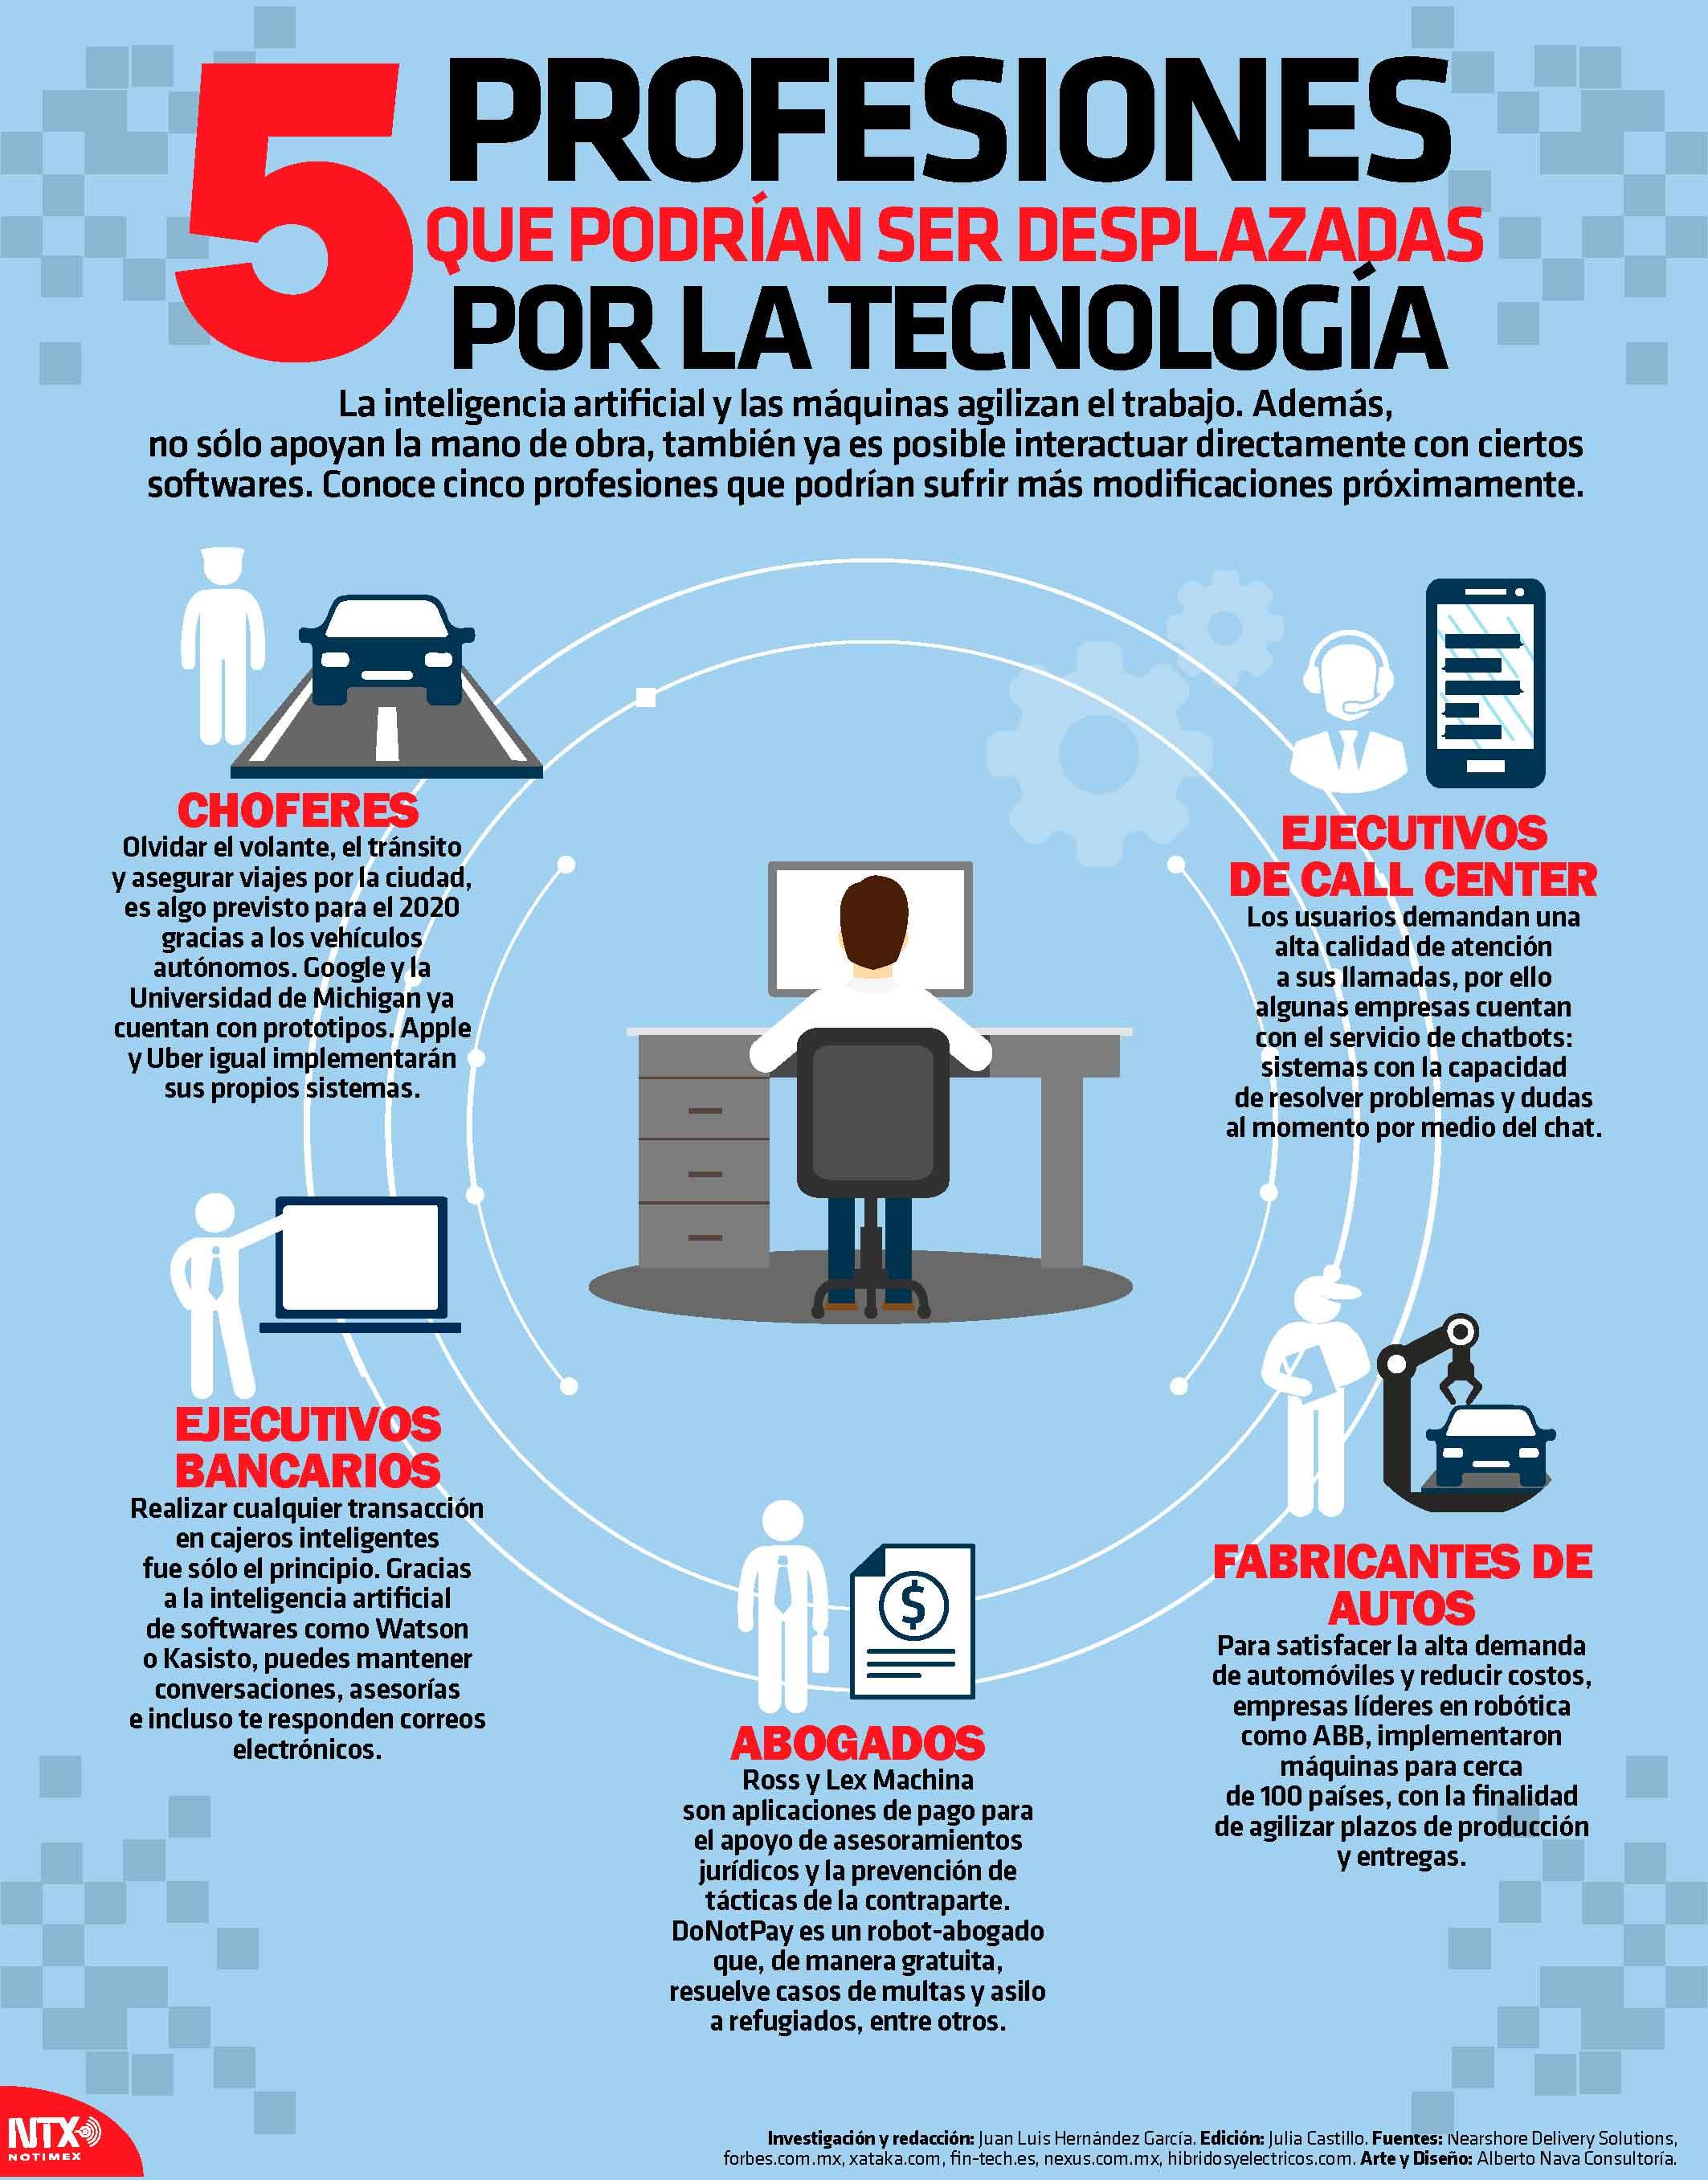 5 profesiones que podrían ser desplazdas por la tecnología